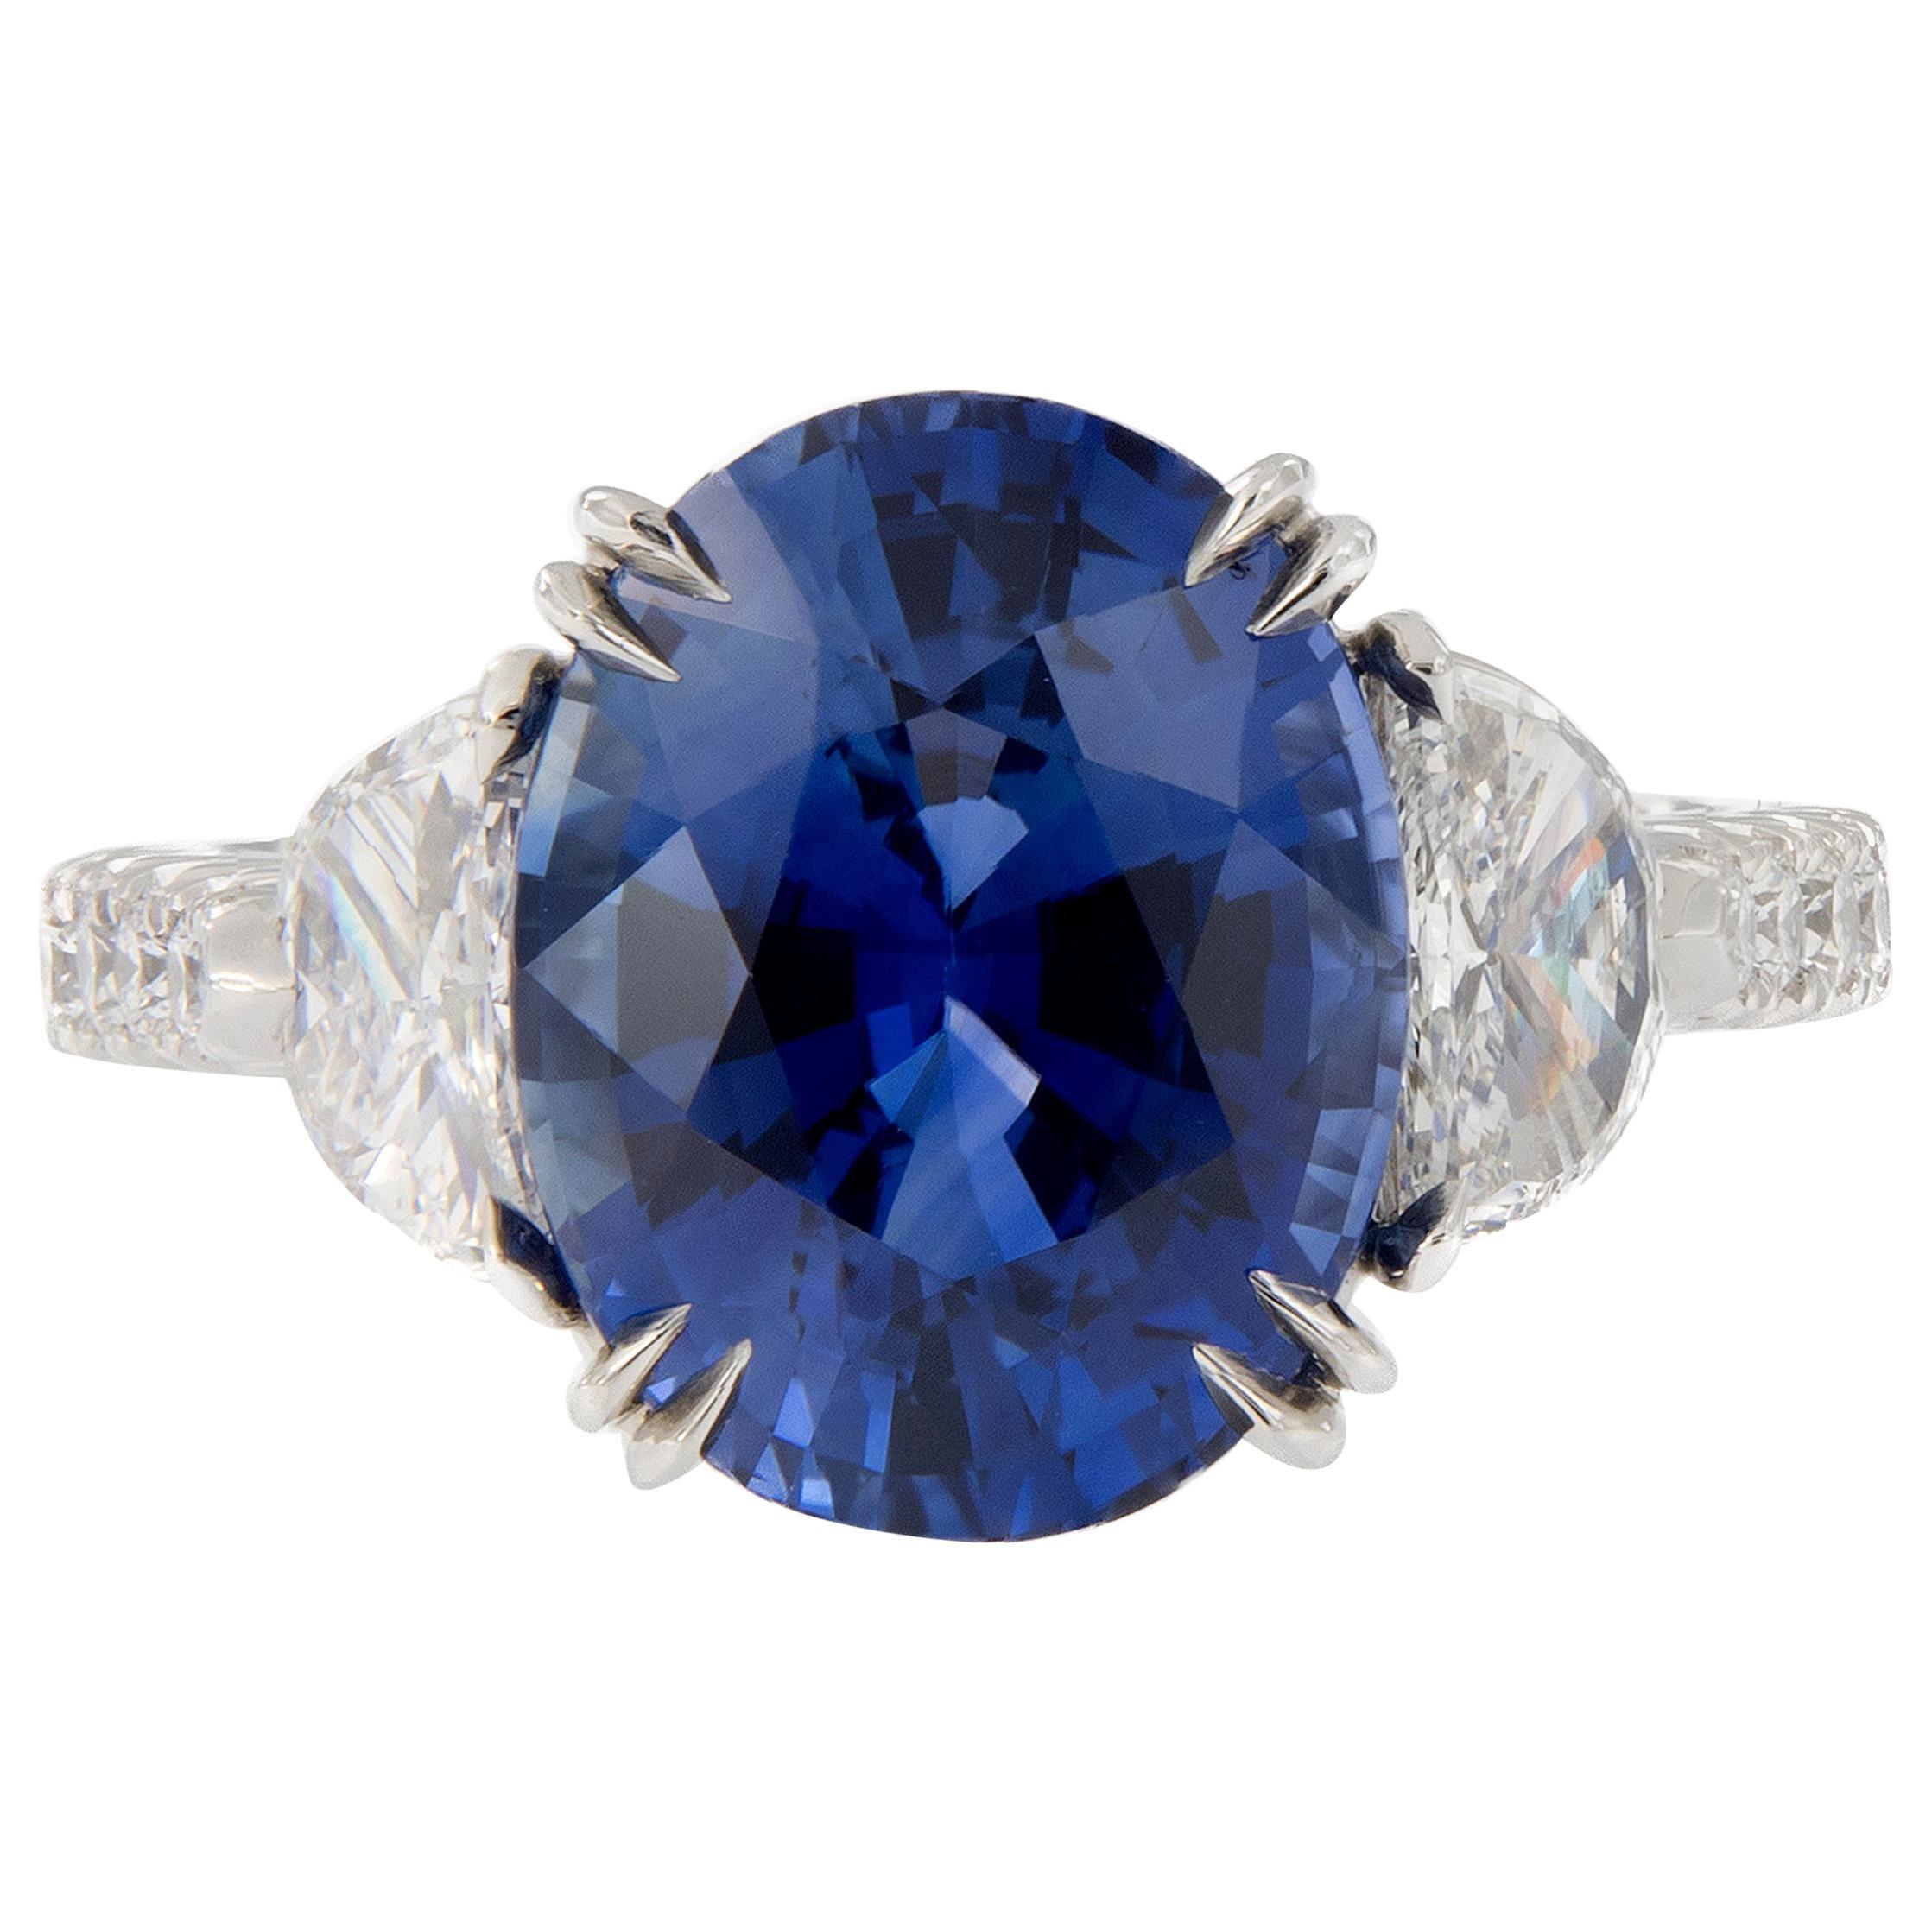 GIA Certified Three-Stone Blue Sapphire Diamond Platinum Ring